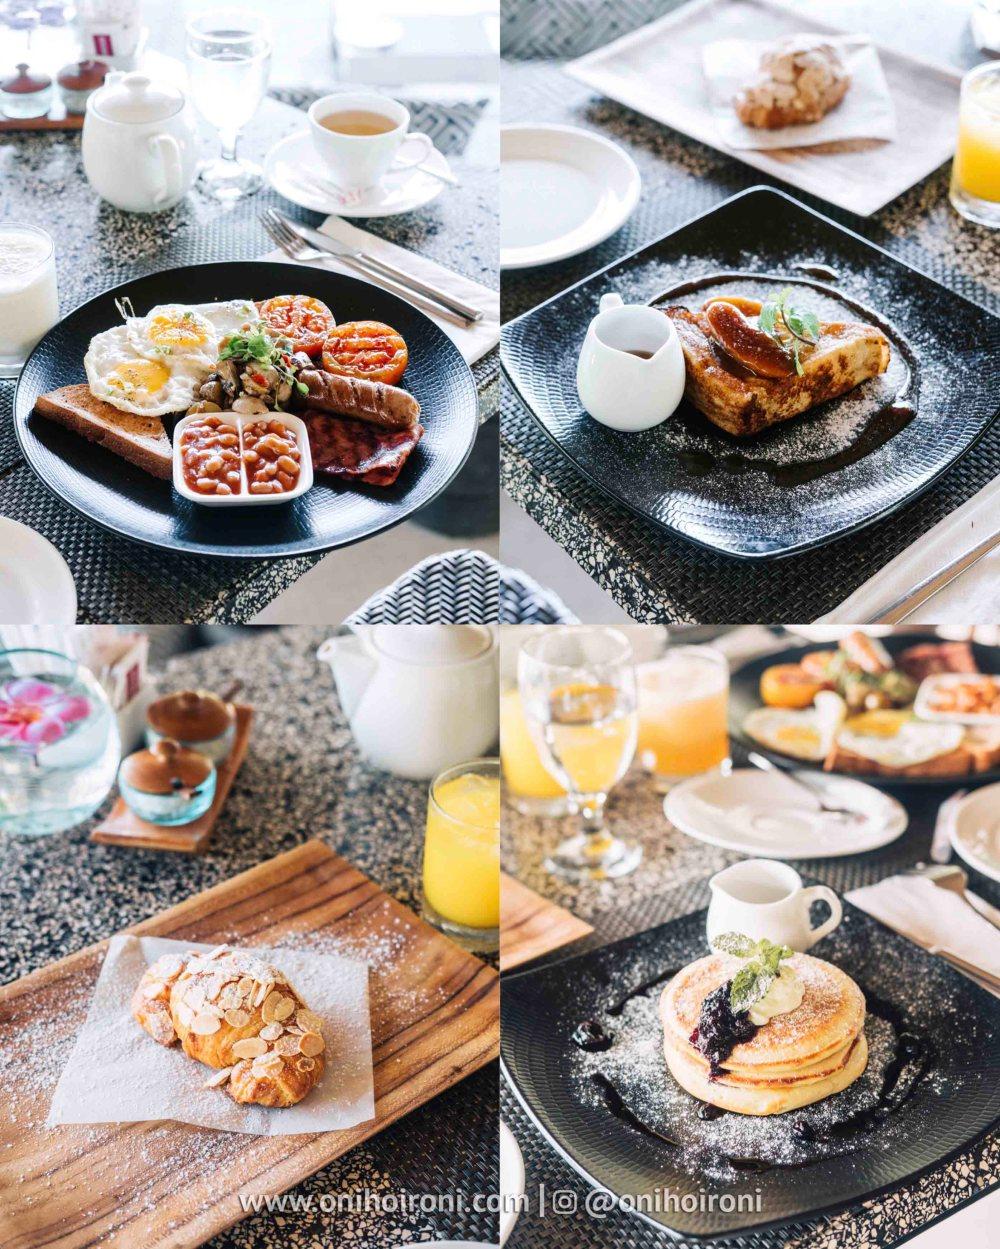 1 Breakfast olah-olah restaurant Sudamala Suites & Villas Senggigi, Lombok.jpg